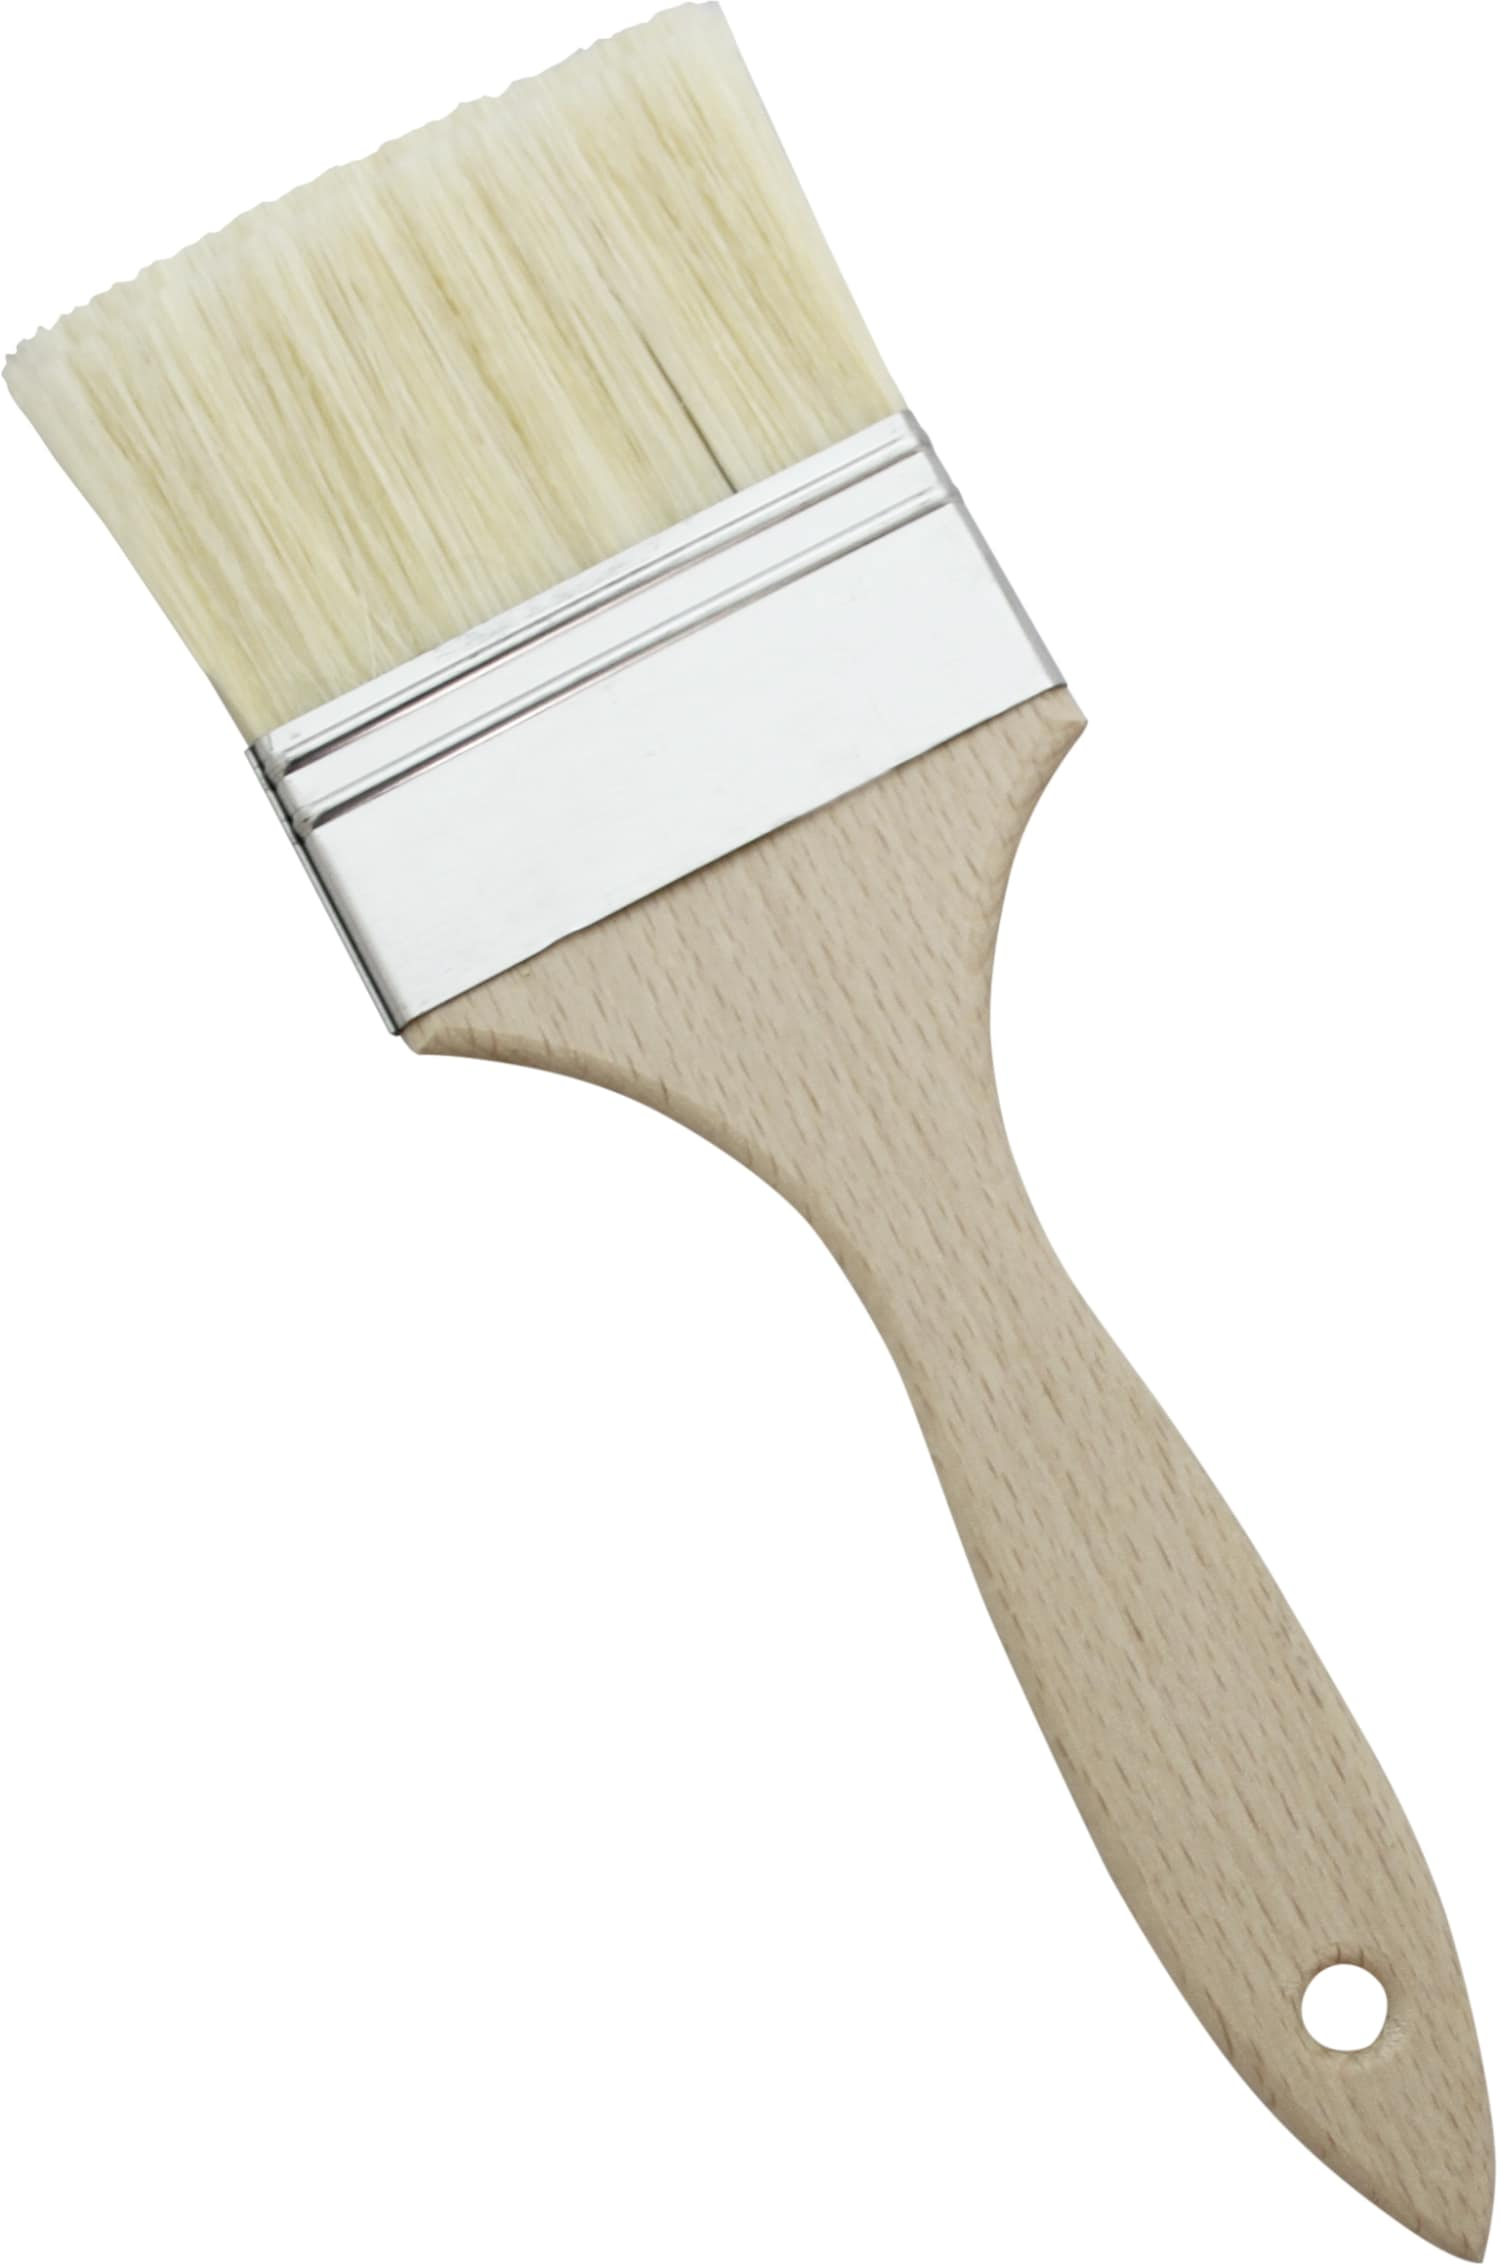 Bäckerpinsel Holzstiel lebensmittelunbedenklich